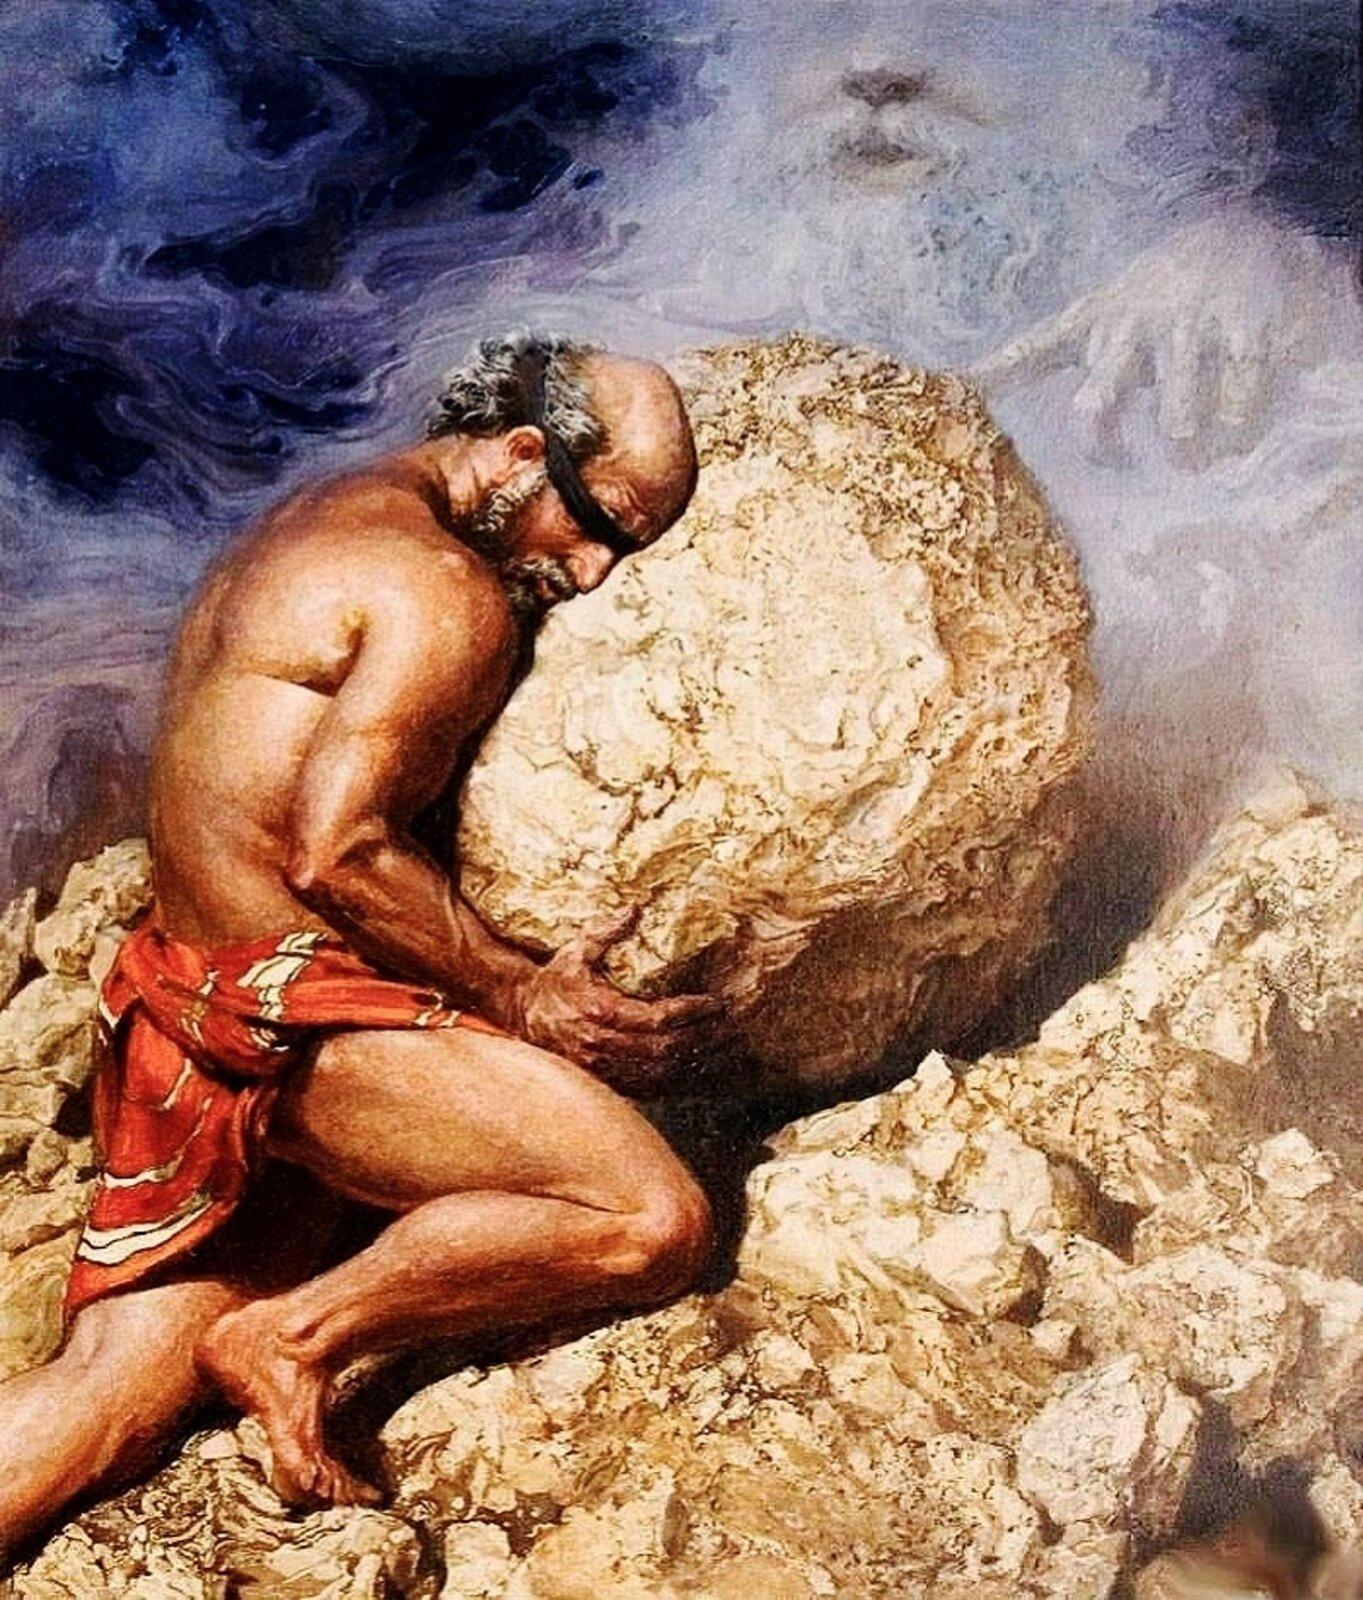 """Ilustracja przedstawia dzieło Nikołaja Burdykina pt. """"Syzyf"""". Król Koryntu ukazany jest podczas odbywania kary: pcha po kamiennej górze duży kamień. Biodra przewiązane ma czerwoną chustą, na oczach ma czarną przepaskę. Kolanem opiera się oskałę. Nad nim widnieje mglista postać: ma długie włosy izarost; wskazującym palcem dotyka głazu, który Syzyf usiłuje wnieść na szczyt."""